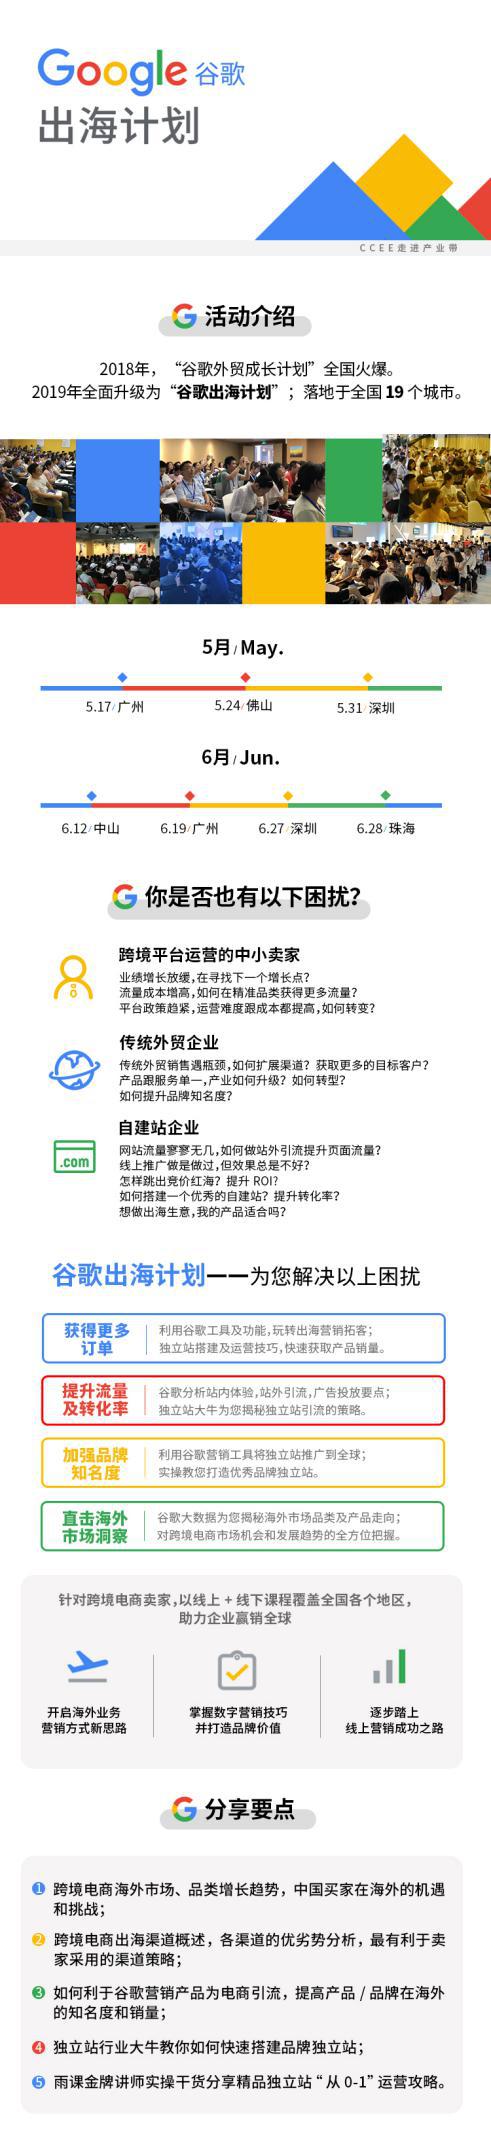 又一场大会席卷深圳,仅限500位跨境卖家!报名从速!